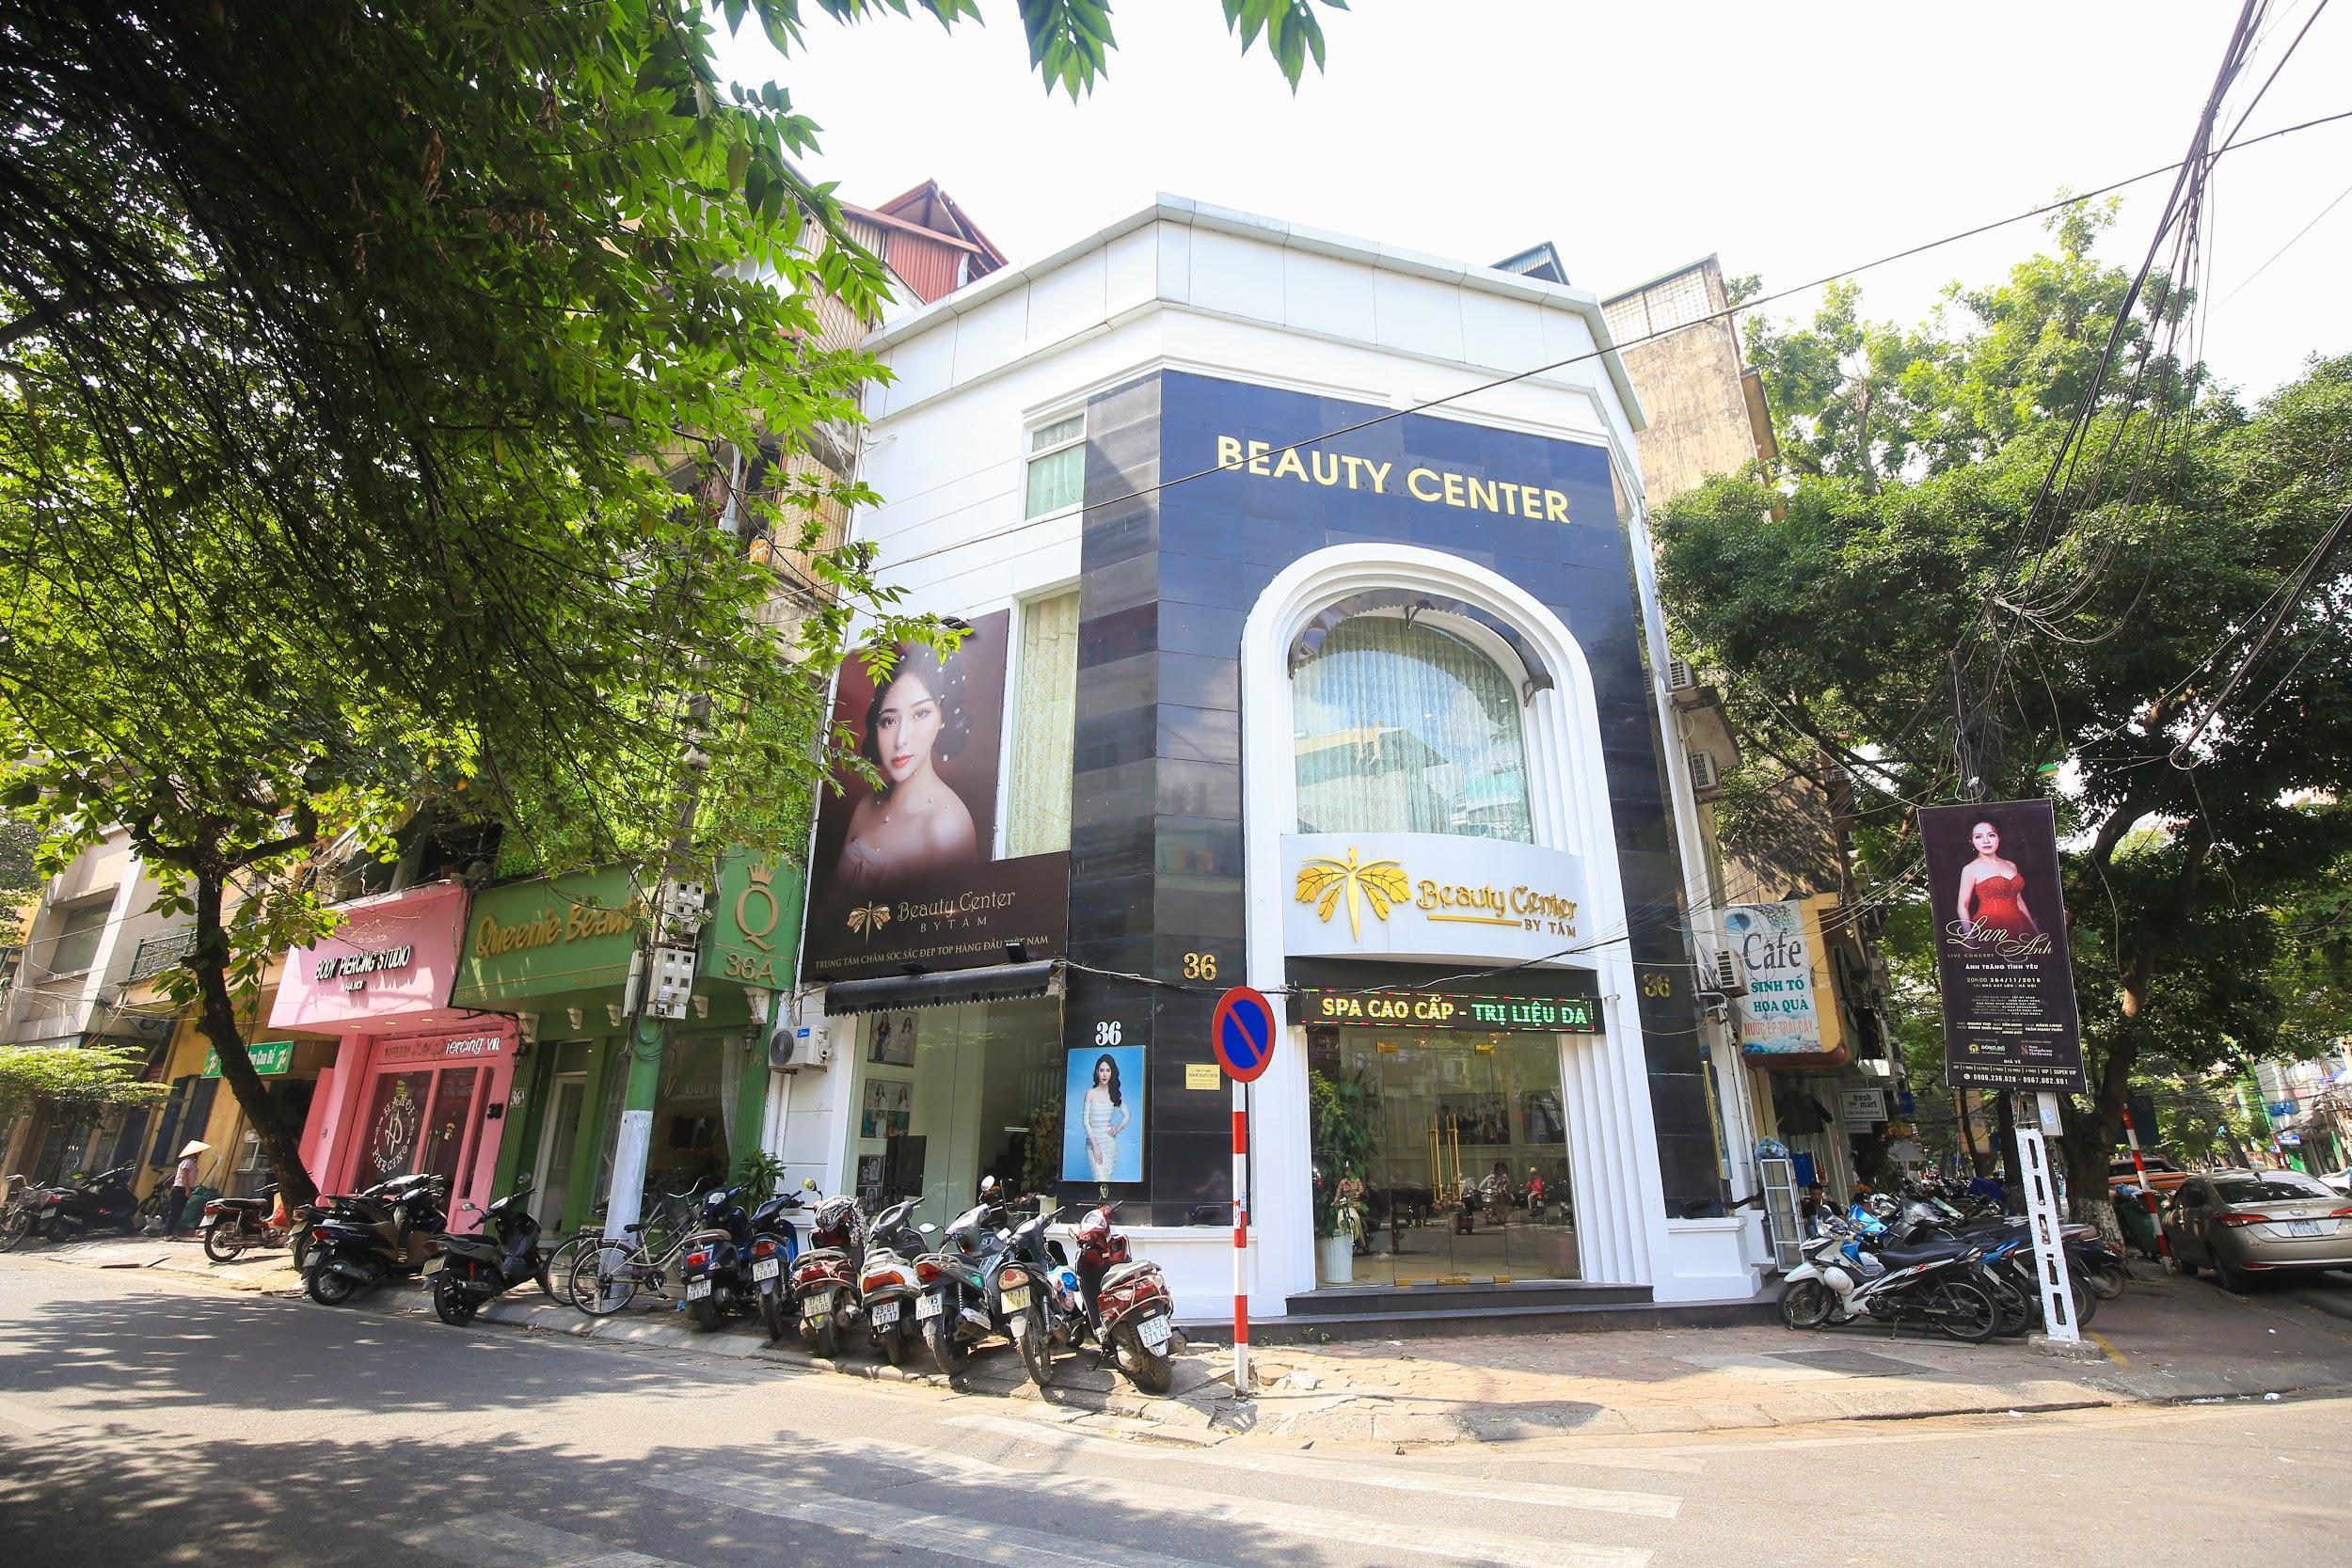 Ngắm quy mô thẩm mỹ viện Beauty Center, địa chỉ làm đẹp uy tín của sao Việt - Ảnh 1.